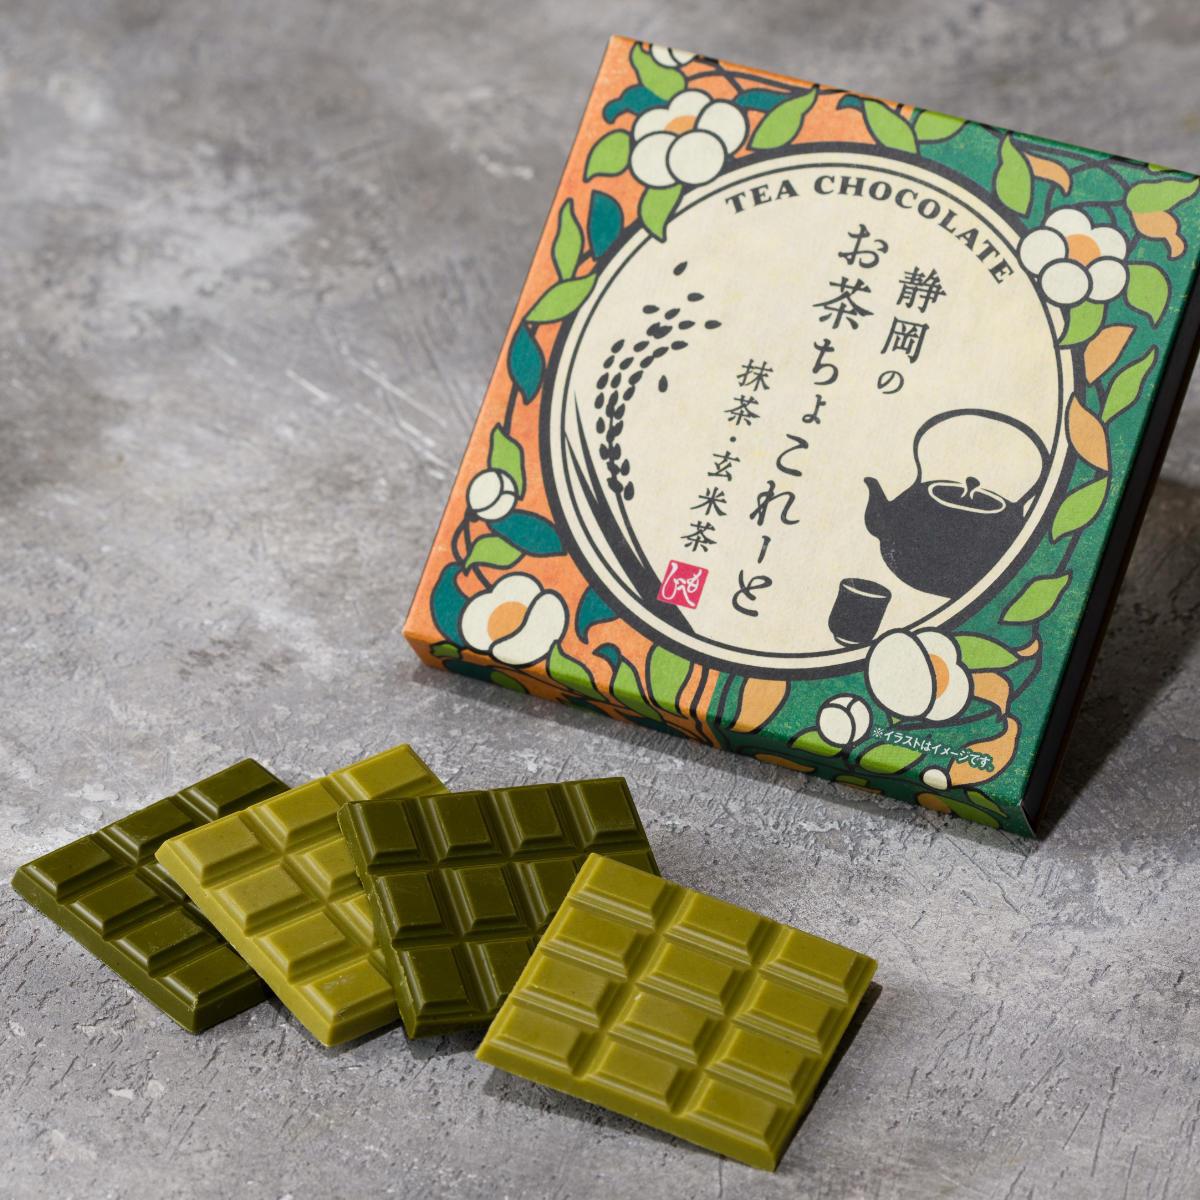 静岡のお茶ちょこれーと抹茶・玄米茶:静岡のお茶ちょこれーと抹茶・玄米茶